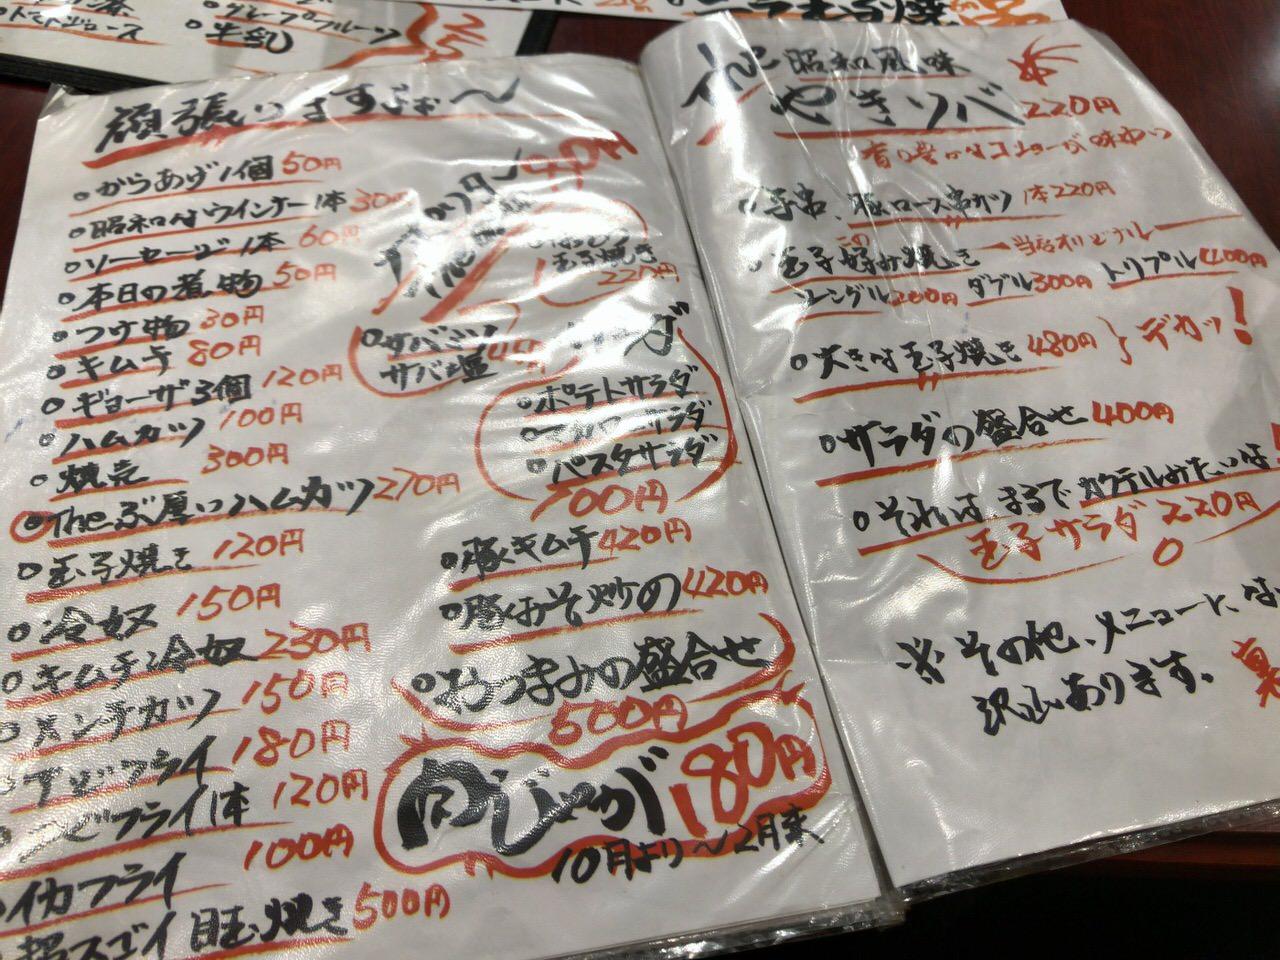 Akebonobashi shokudou 0795